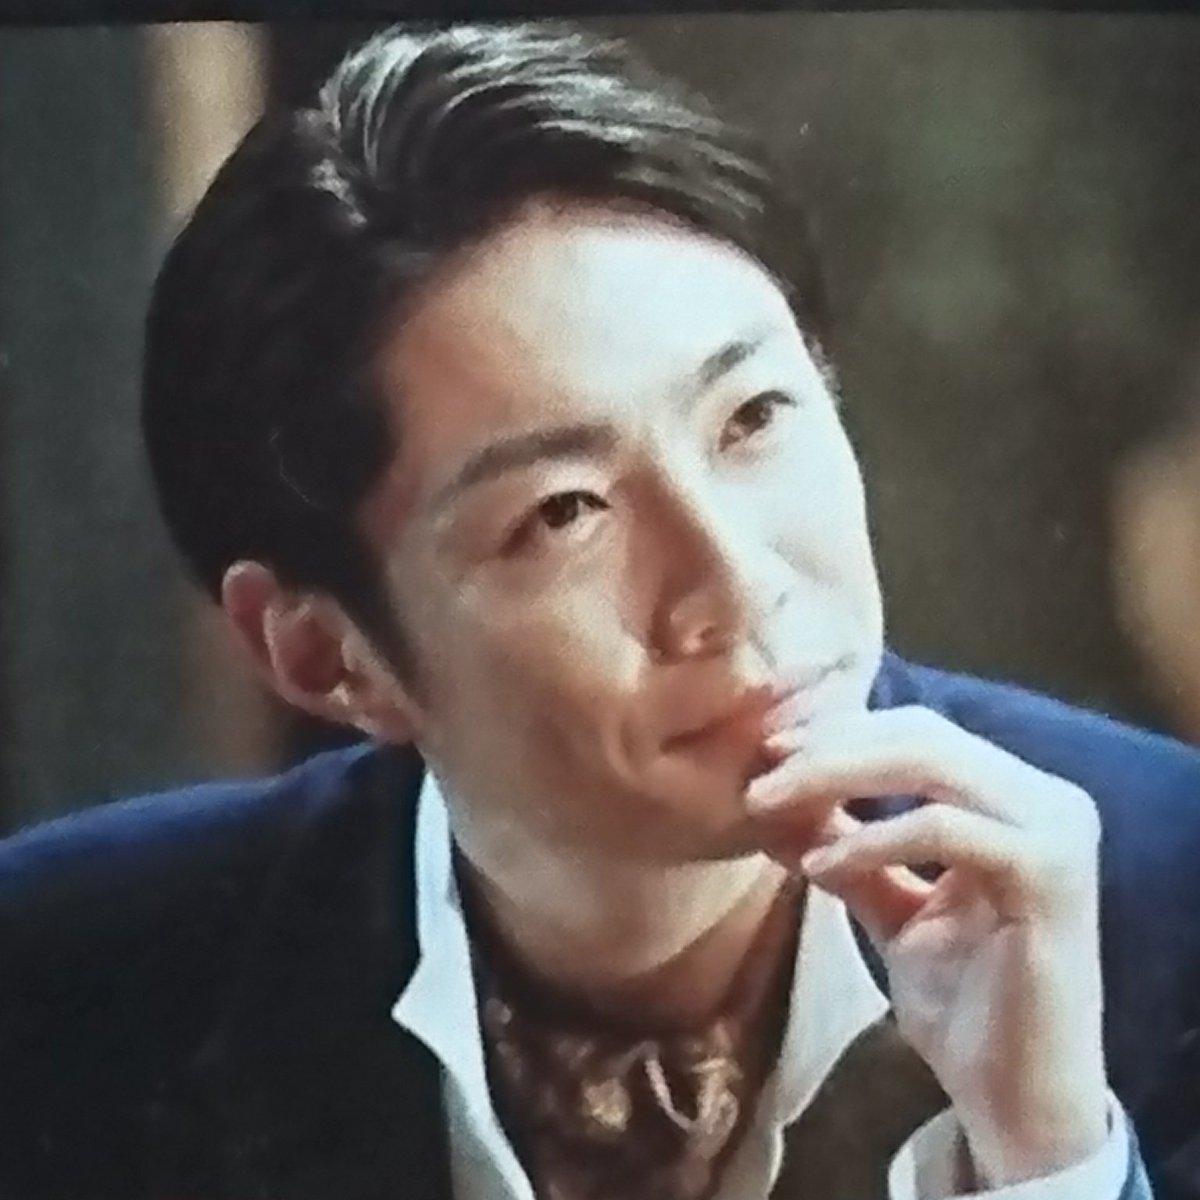 相葉雅紀『貴族探偵終わったら、名探偵コナン実写ドラマ化やりたいんですよ‼️もう高校生工藤新一になります❗』